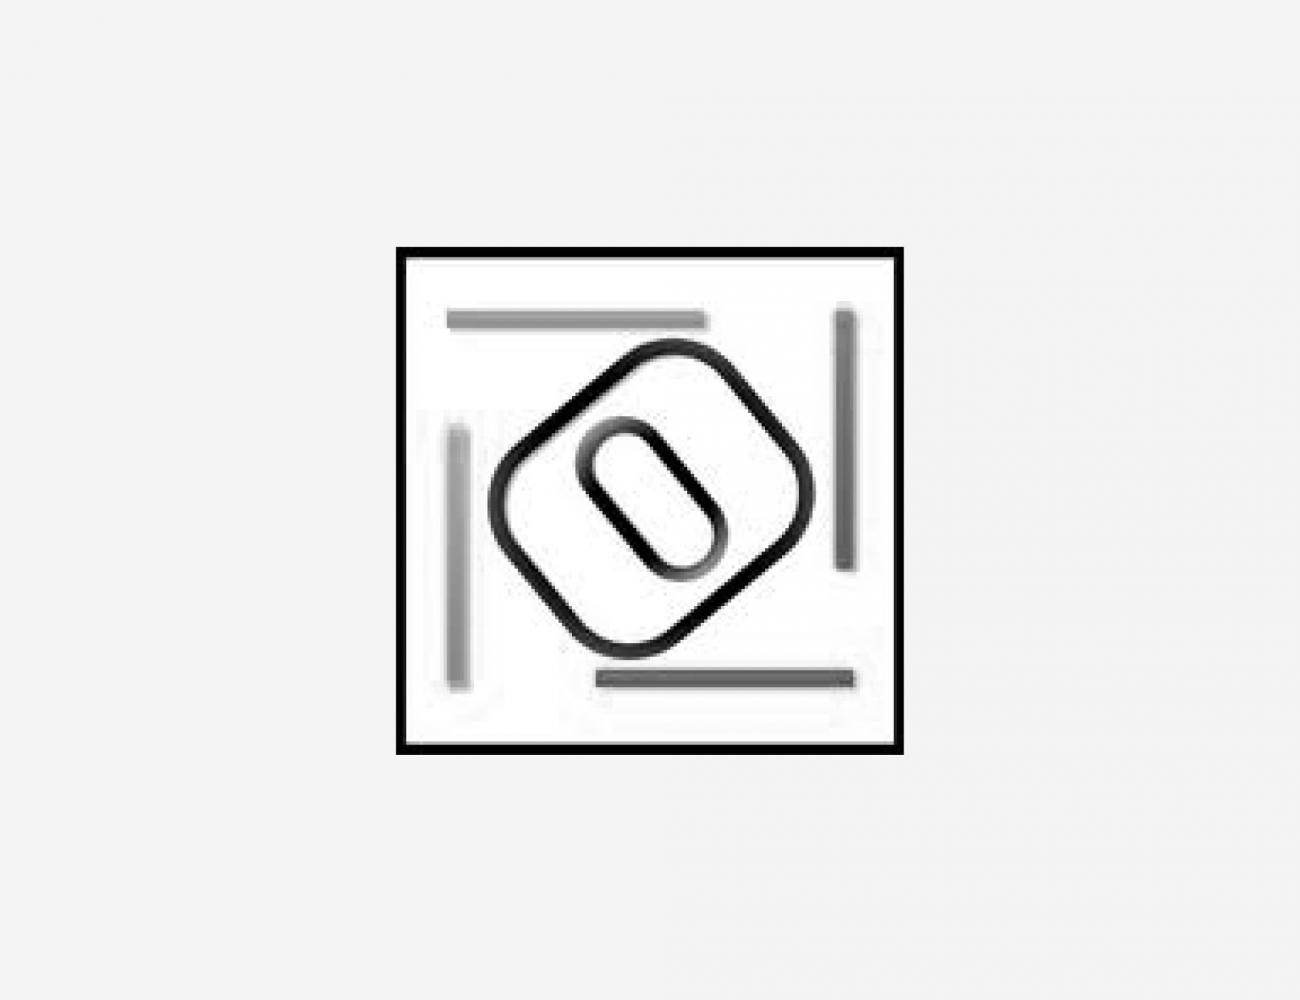 olisoft_logo